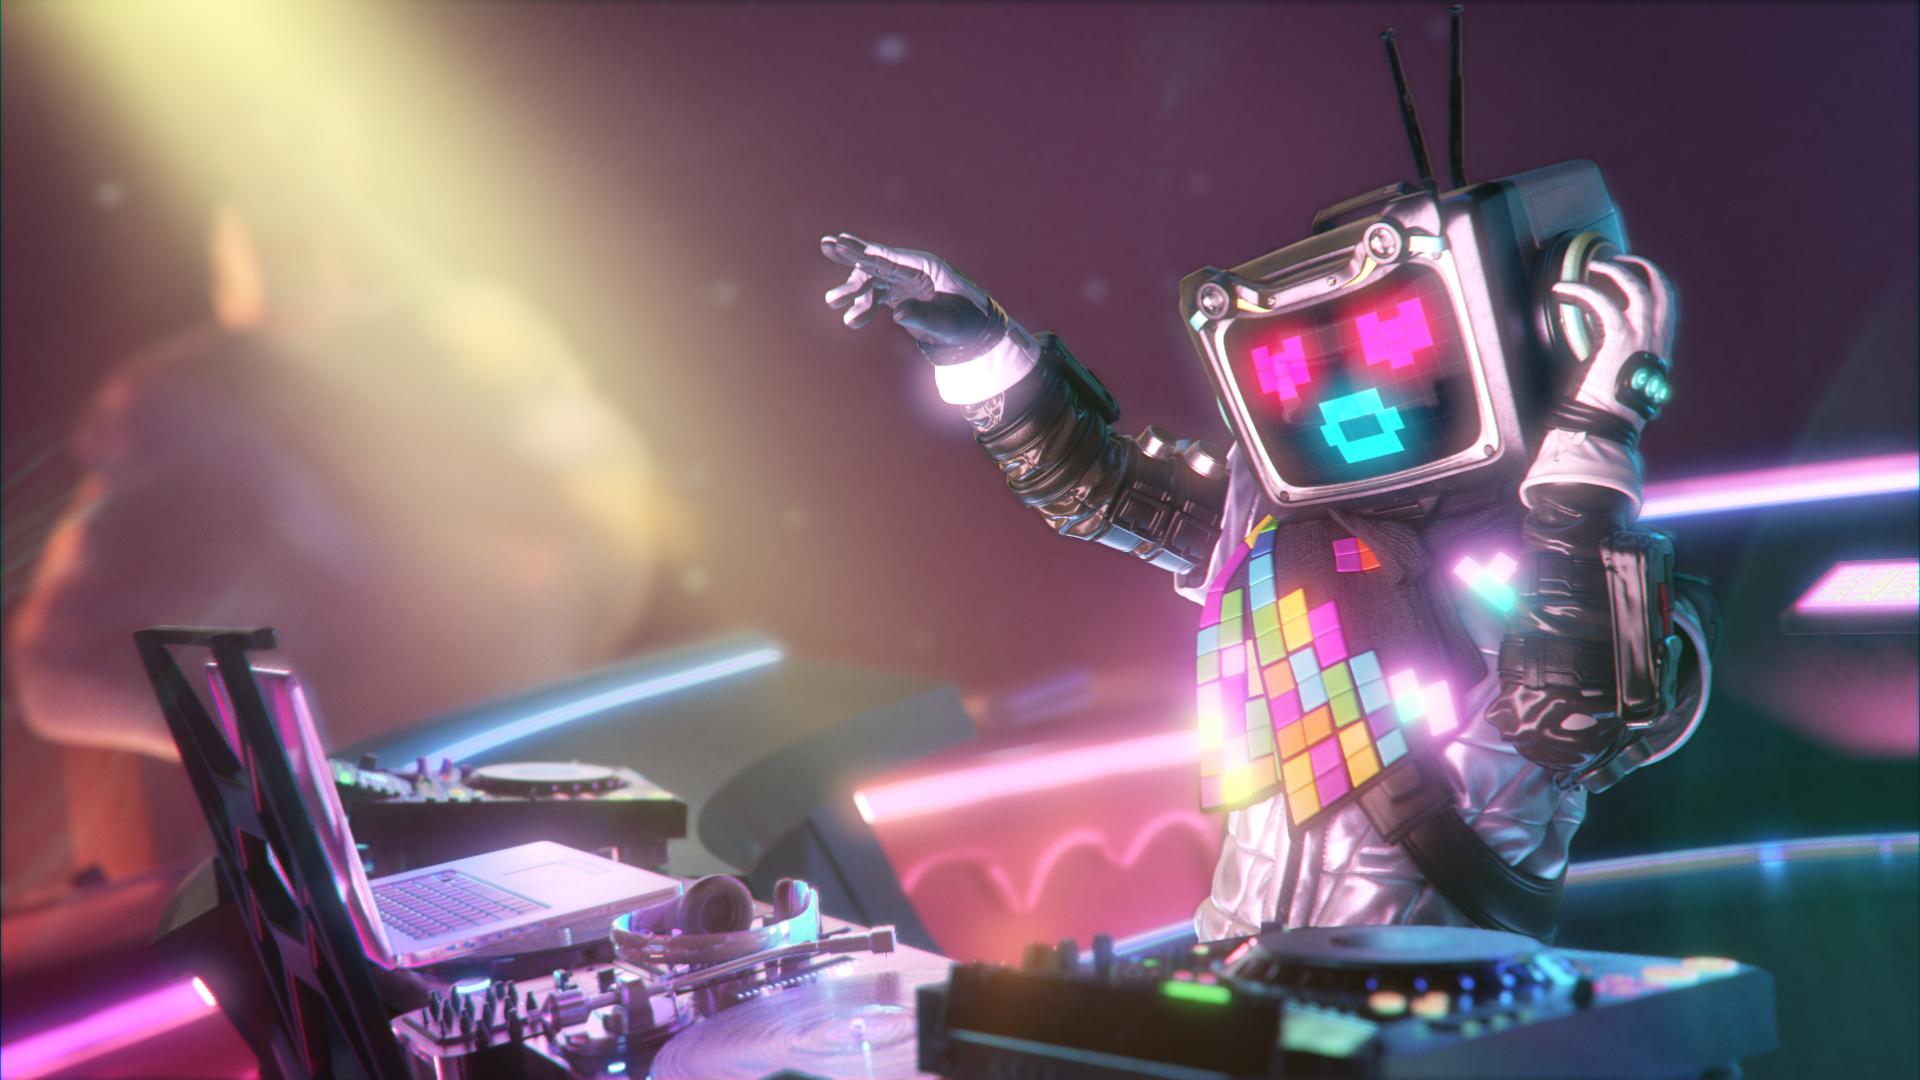 身披想象 赢得更漂亮!和平精英2周年庆派对邀请曲《Let's Party》发布